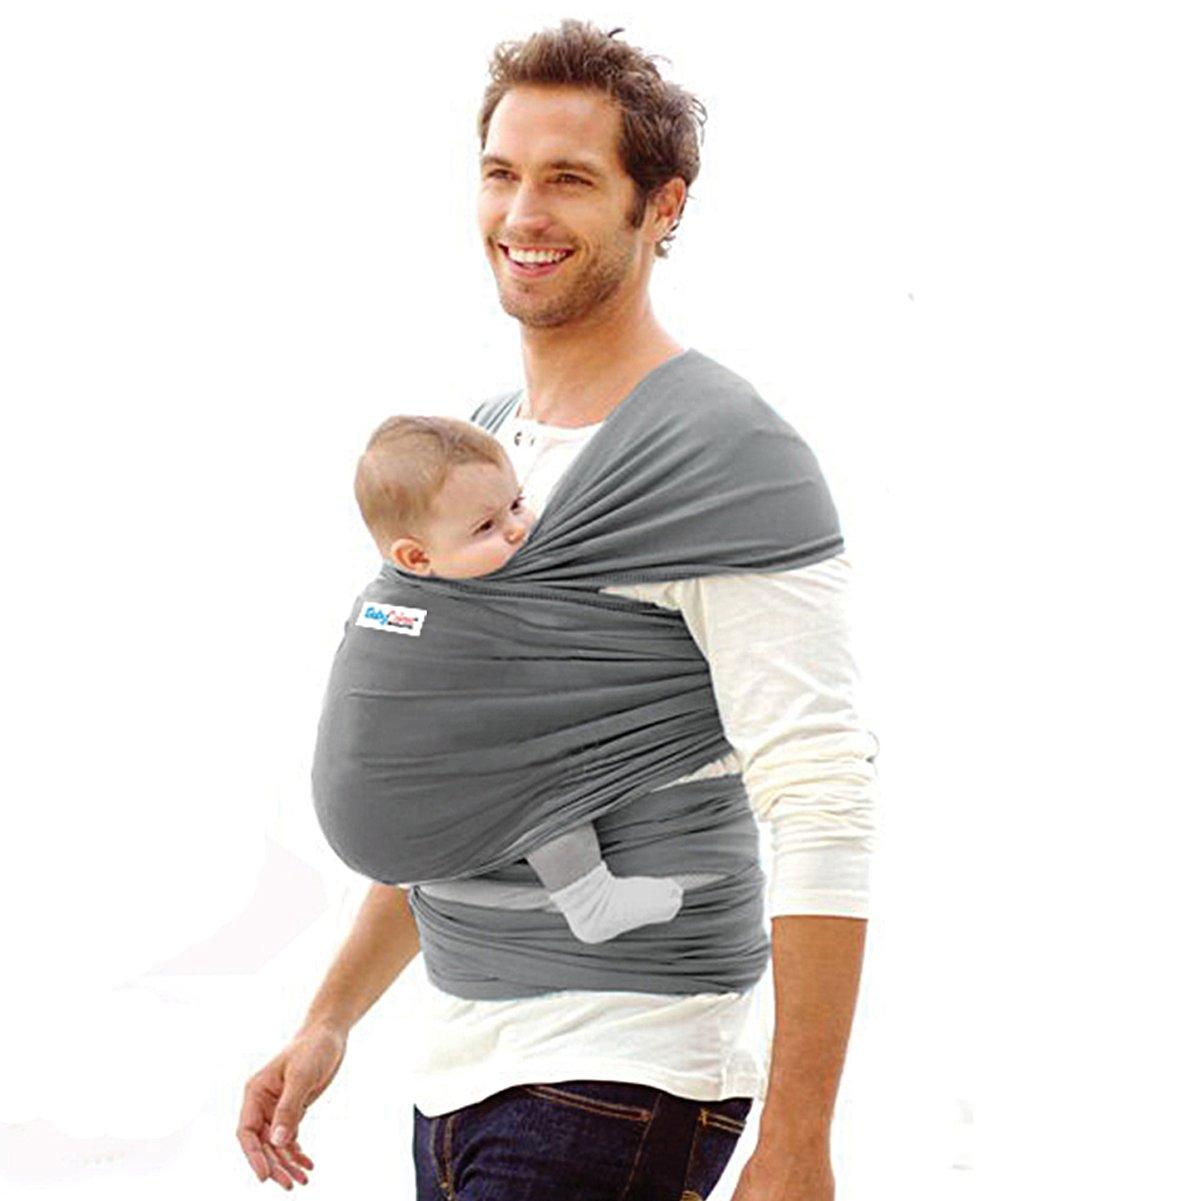 Echarpe de portage porte-bébé 4 en 1   porteur de bébé pour homme et femme    foulard élastique pour bébés   le meilleur cadeau pour la fête de  Bienvenida du ... aea05c67a2d